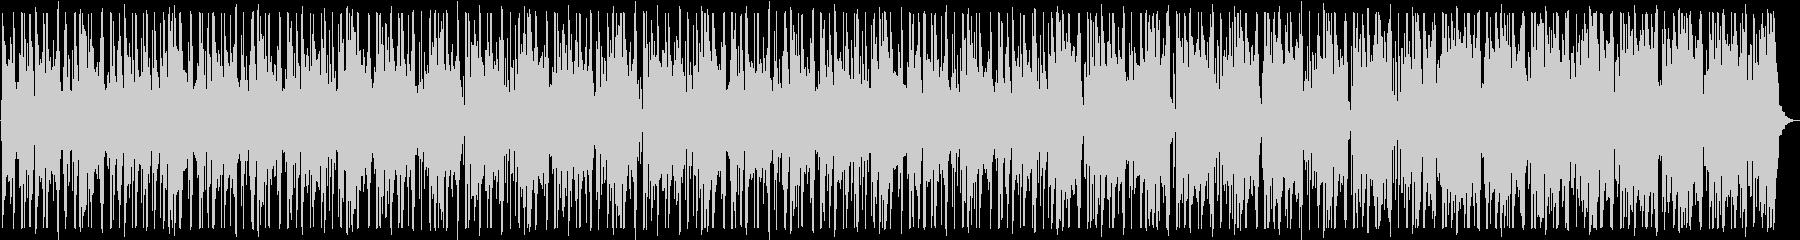 ハードボイルドなBGM_No584_1の未再生の波形